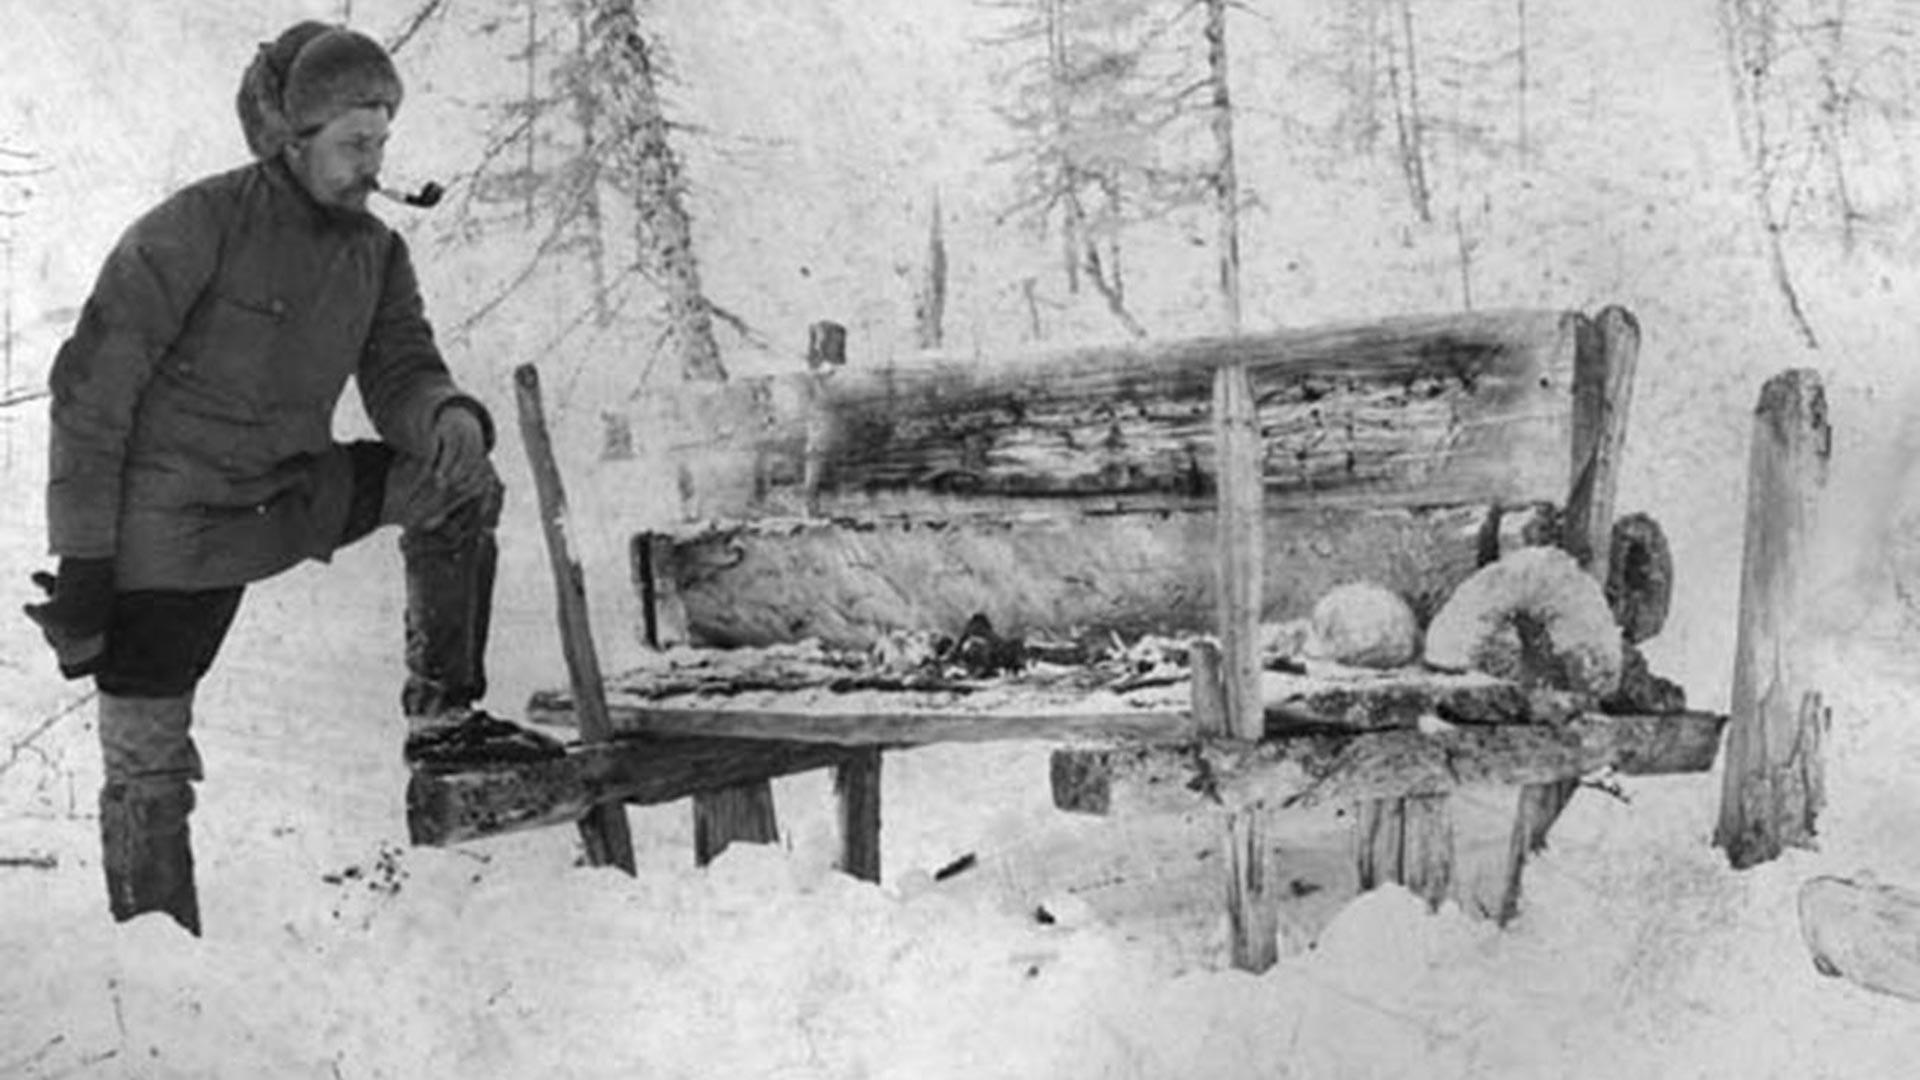 El etnógrafo V. Vasilyev y un entierro en la superficie de Yakut en la región de Yenisey, Siberia, 1905